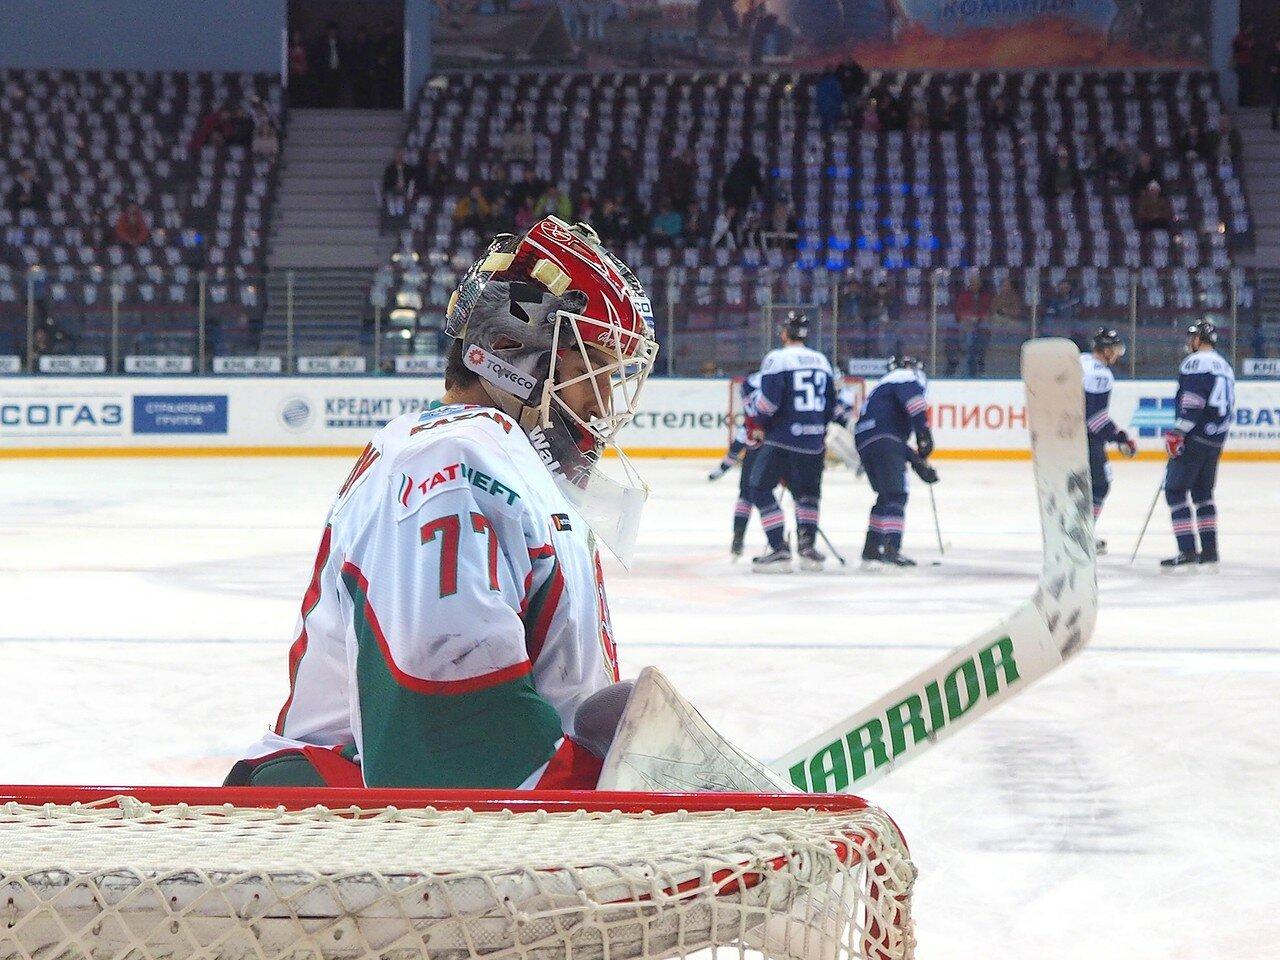 11 Первая игра финала плей-офф восточной конференции 2017 Металлург - АкБарс 24.03.2017